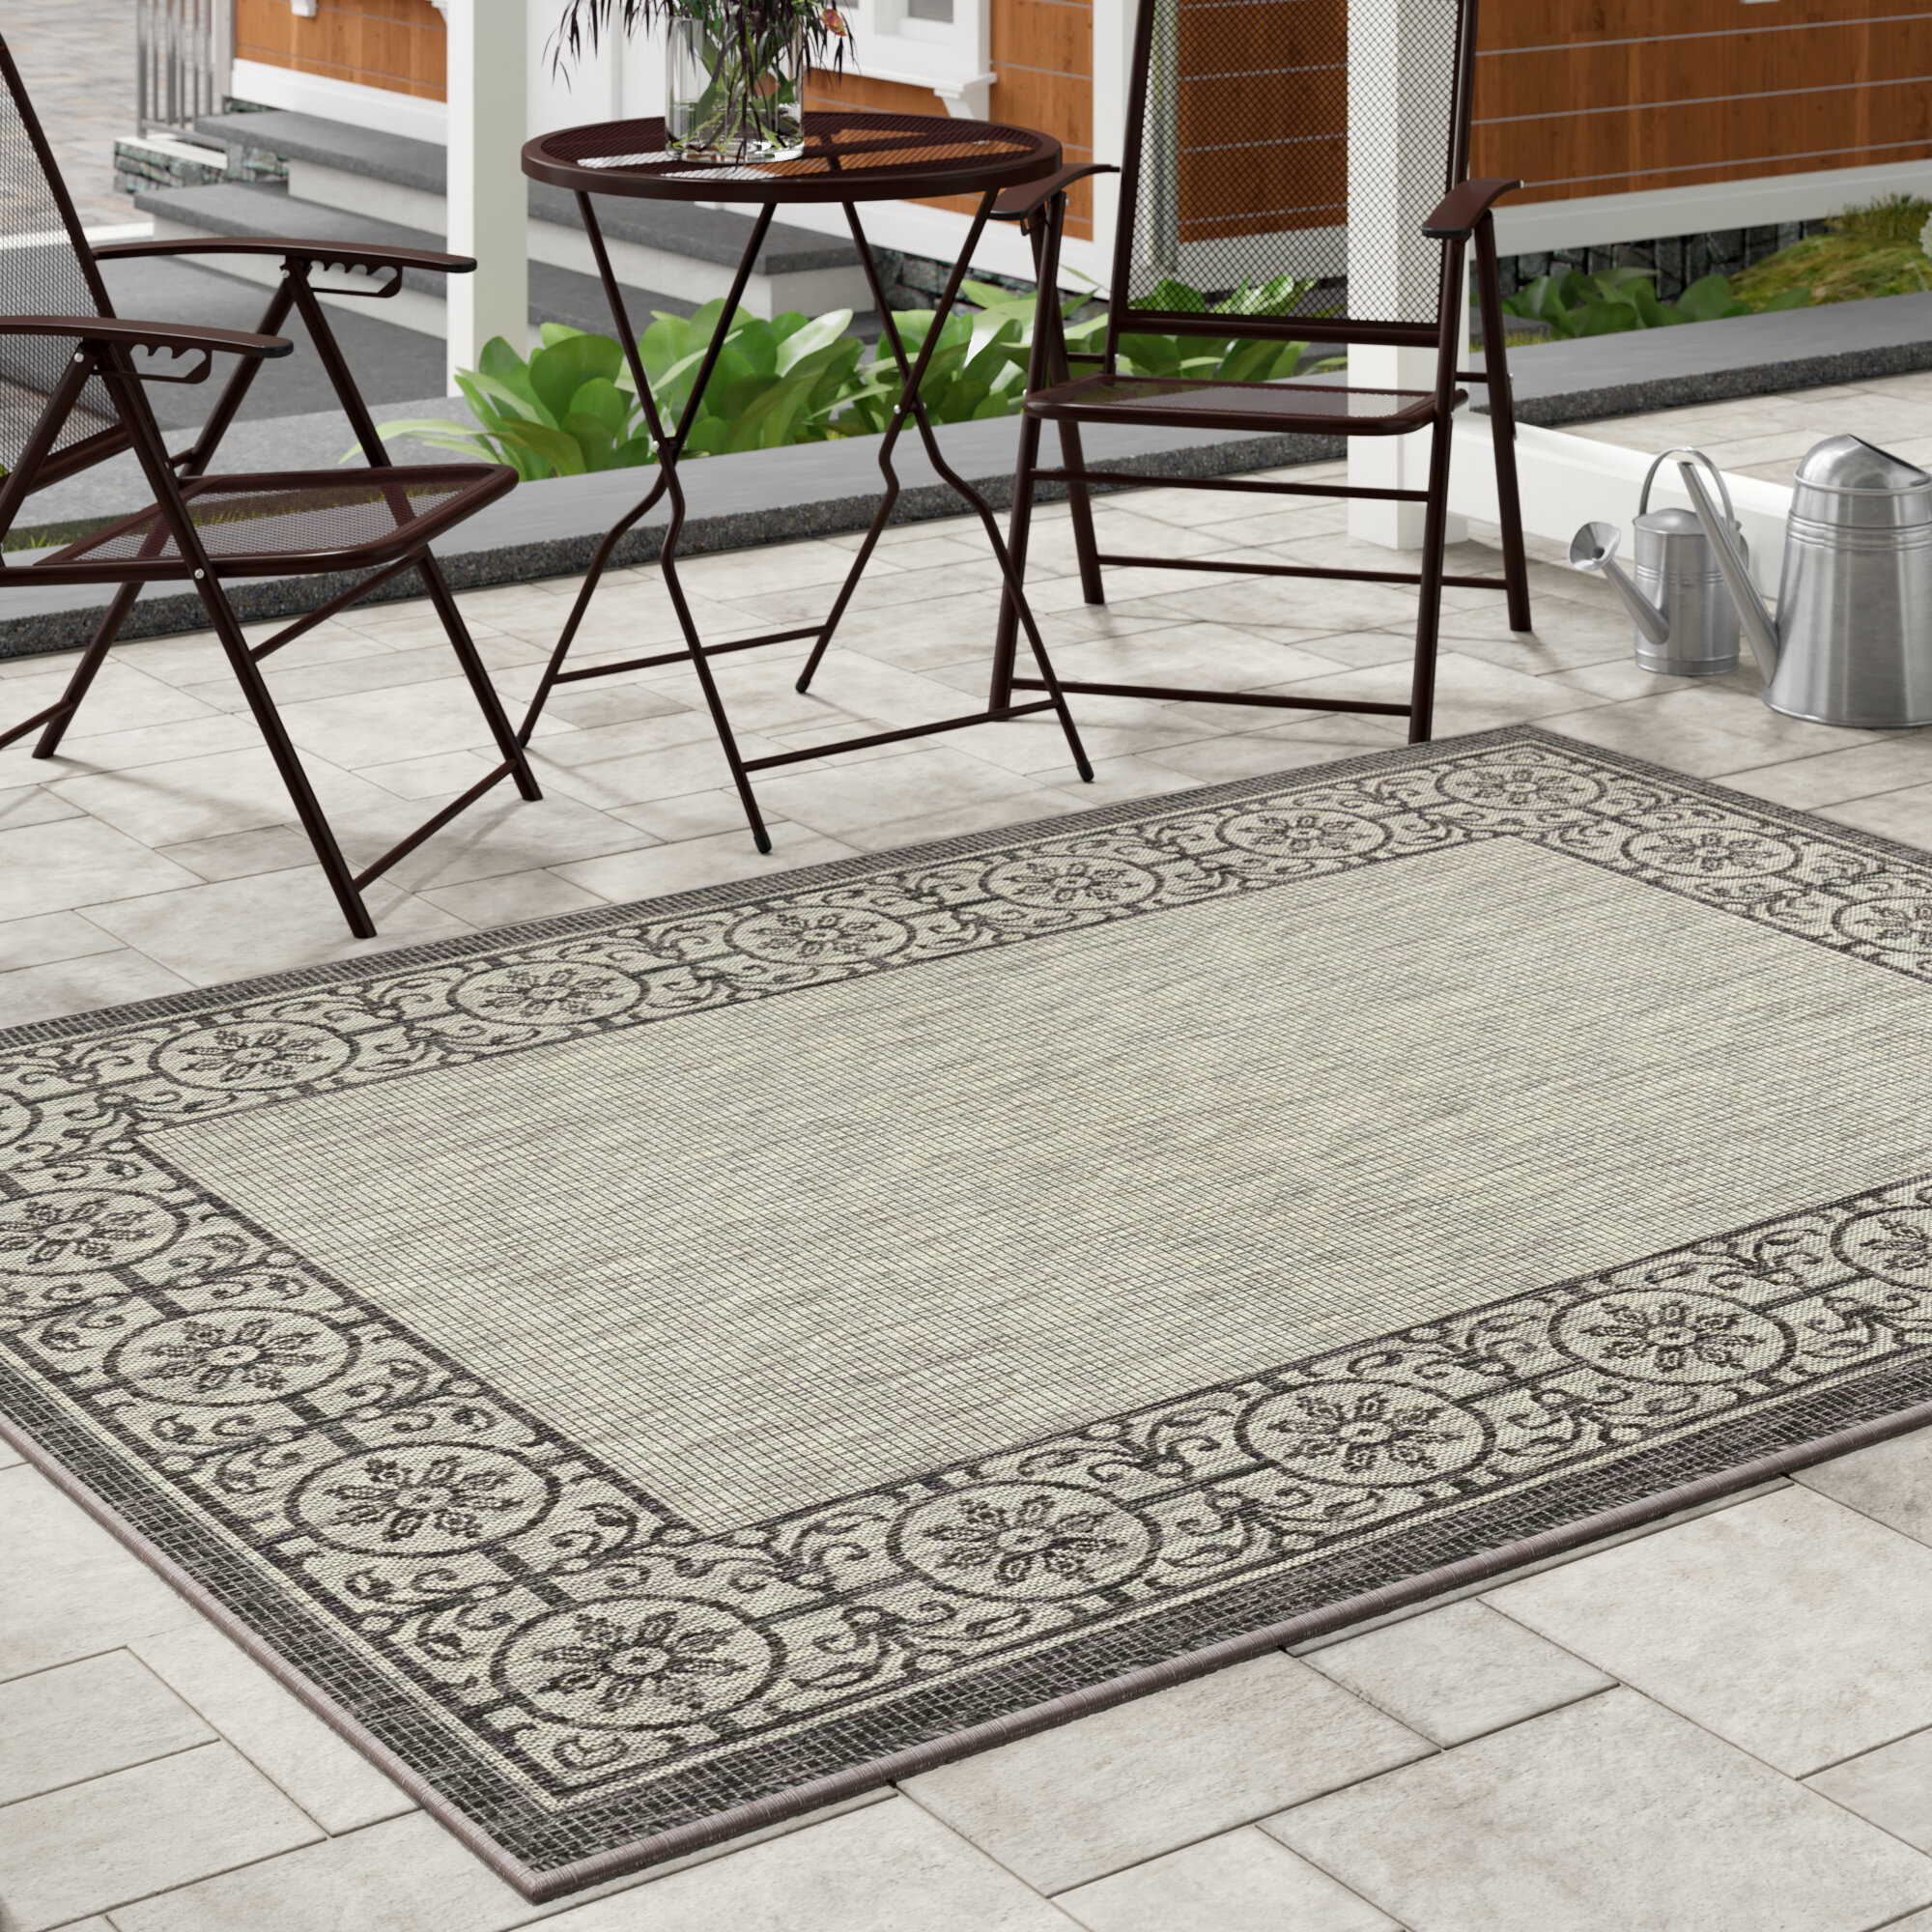 Charcoal Gray Indoor Outdoor